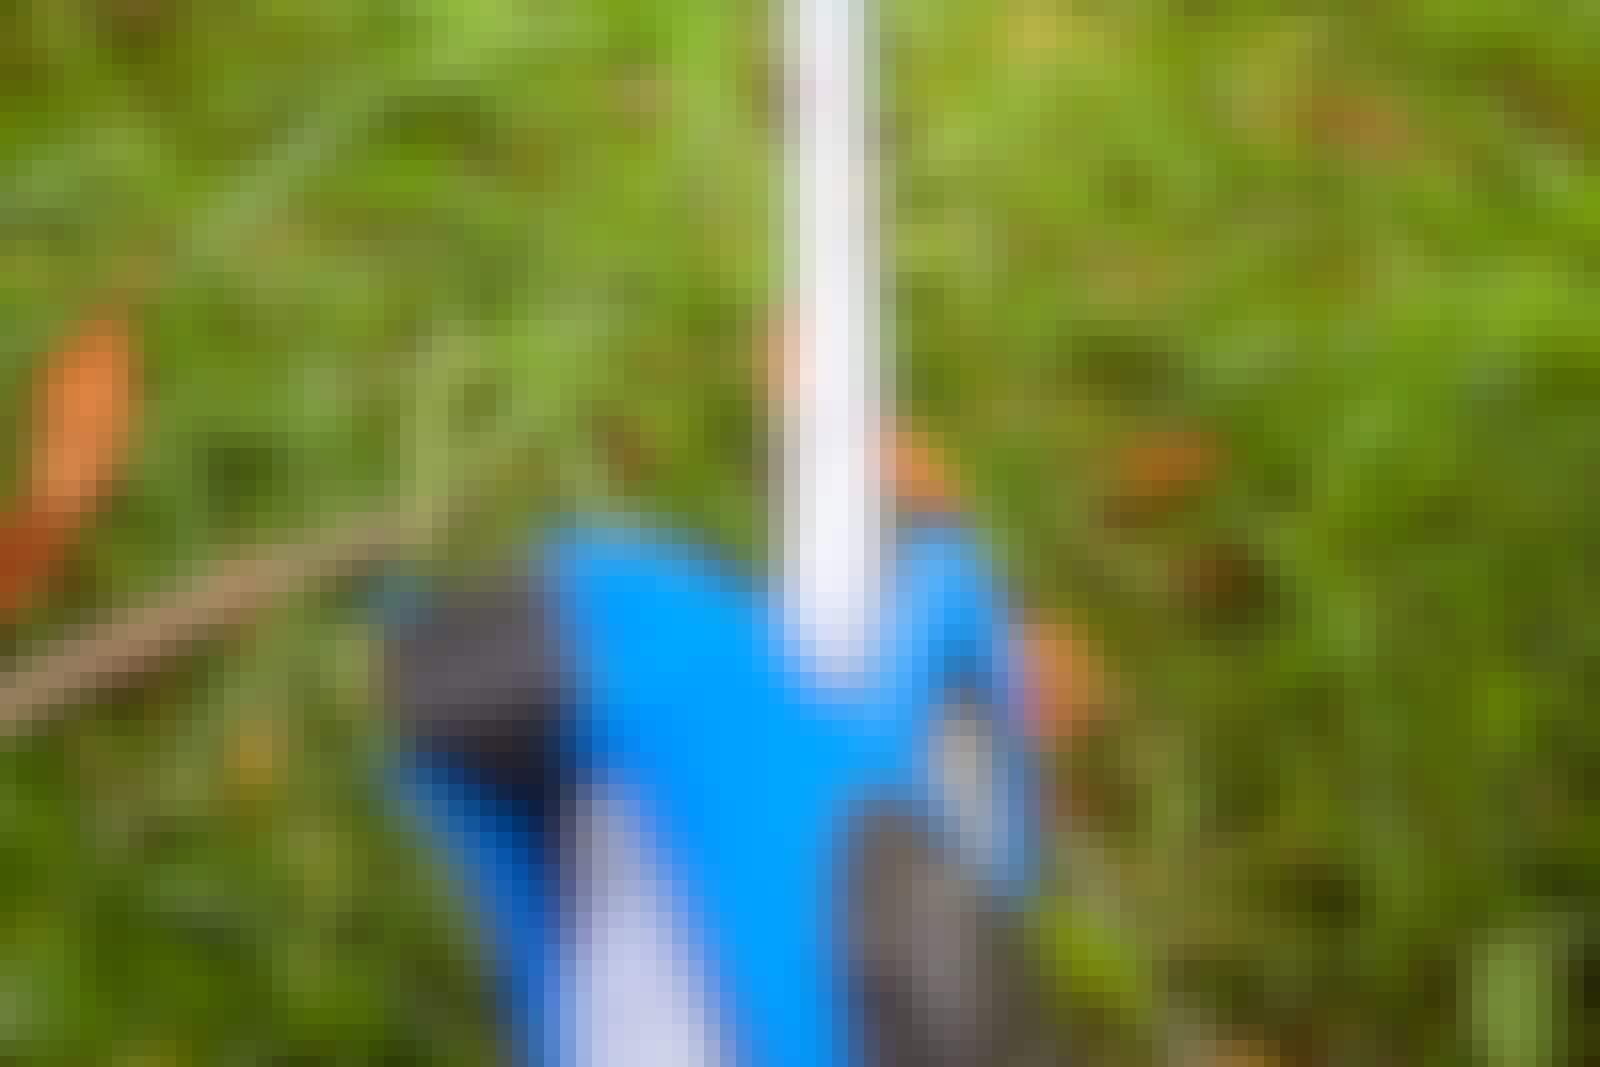 Mål opp størrelsen på plenen. Det er ofte enklest å dele plenen opp i felt, hvis den ikke er en regulær firkant.